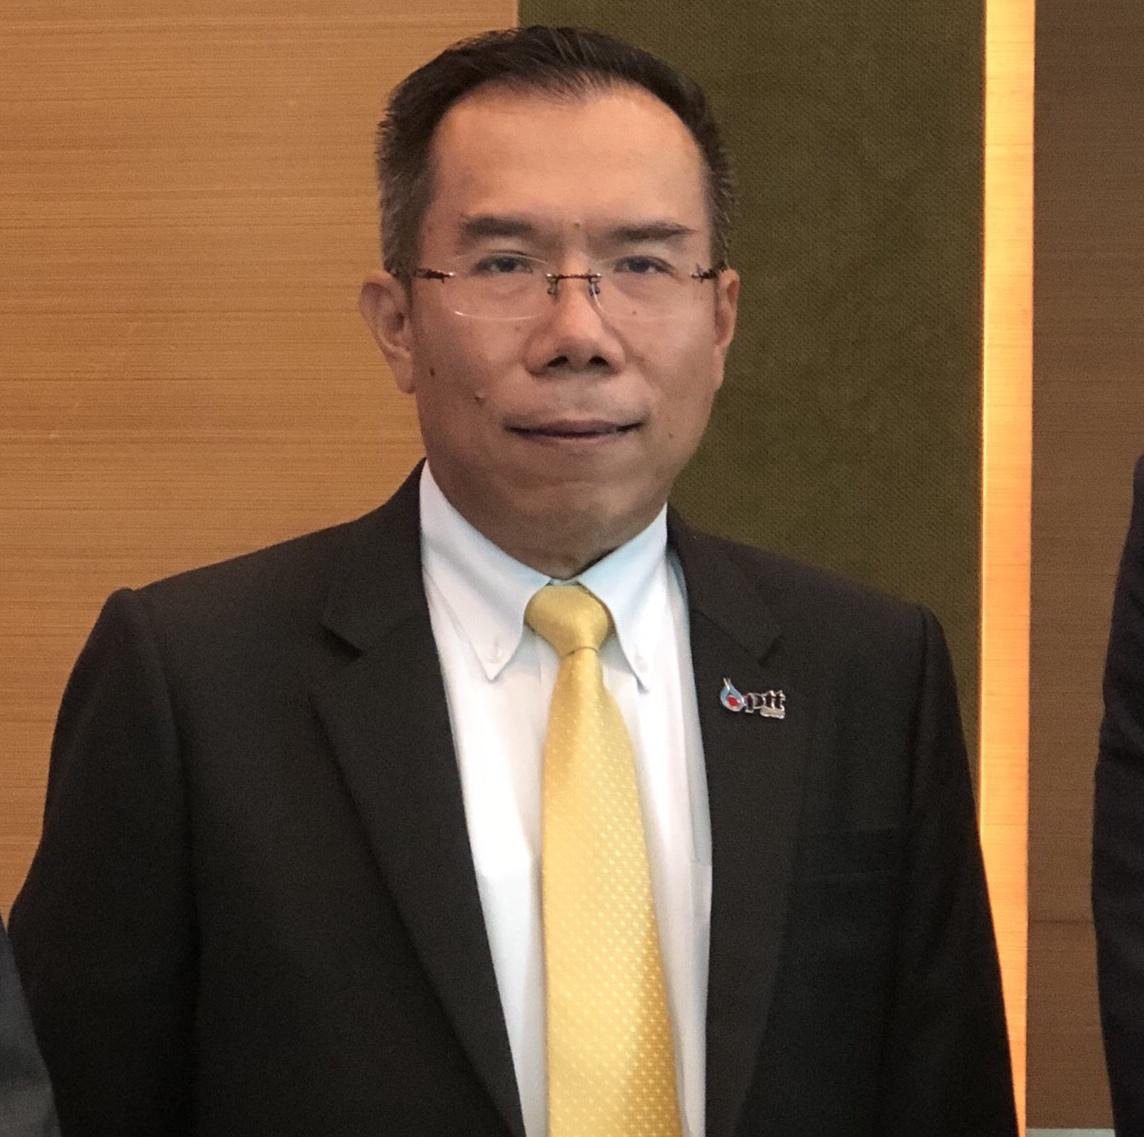 ปตท.เซ็นเอ็มโอยูภาคเอกชนจีน ศึกษาตลาดLNGดันไทยเป็นฮับ